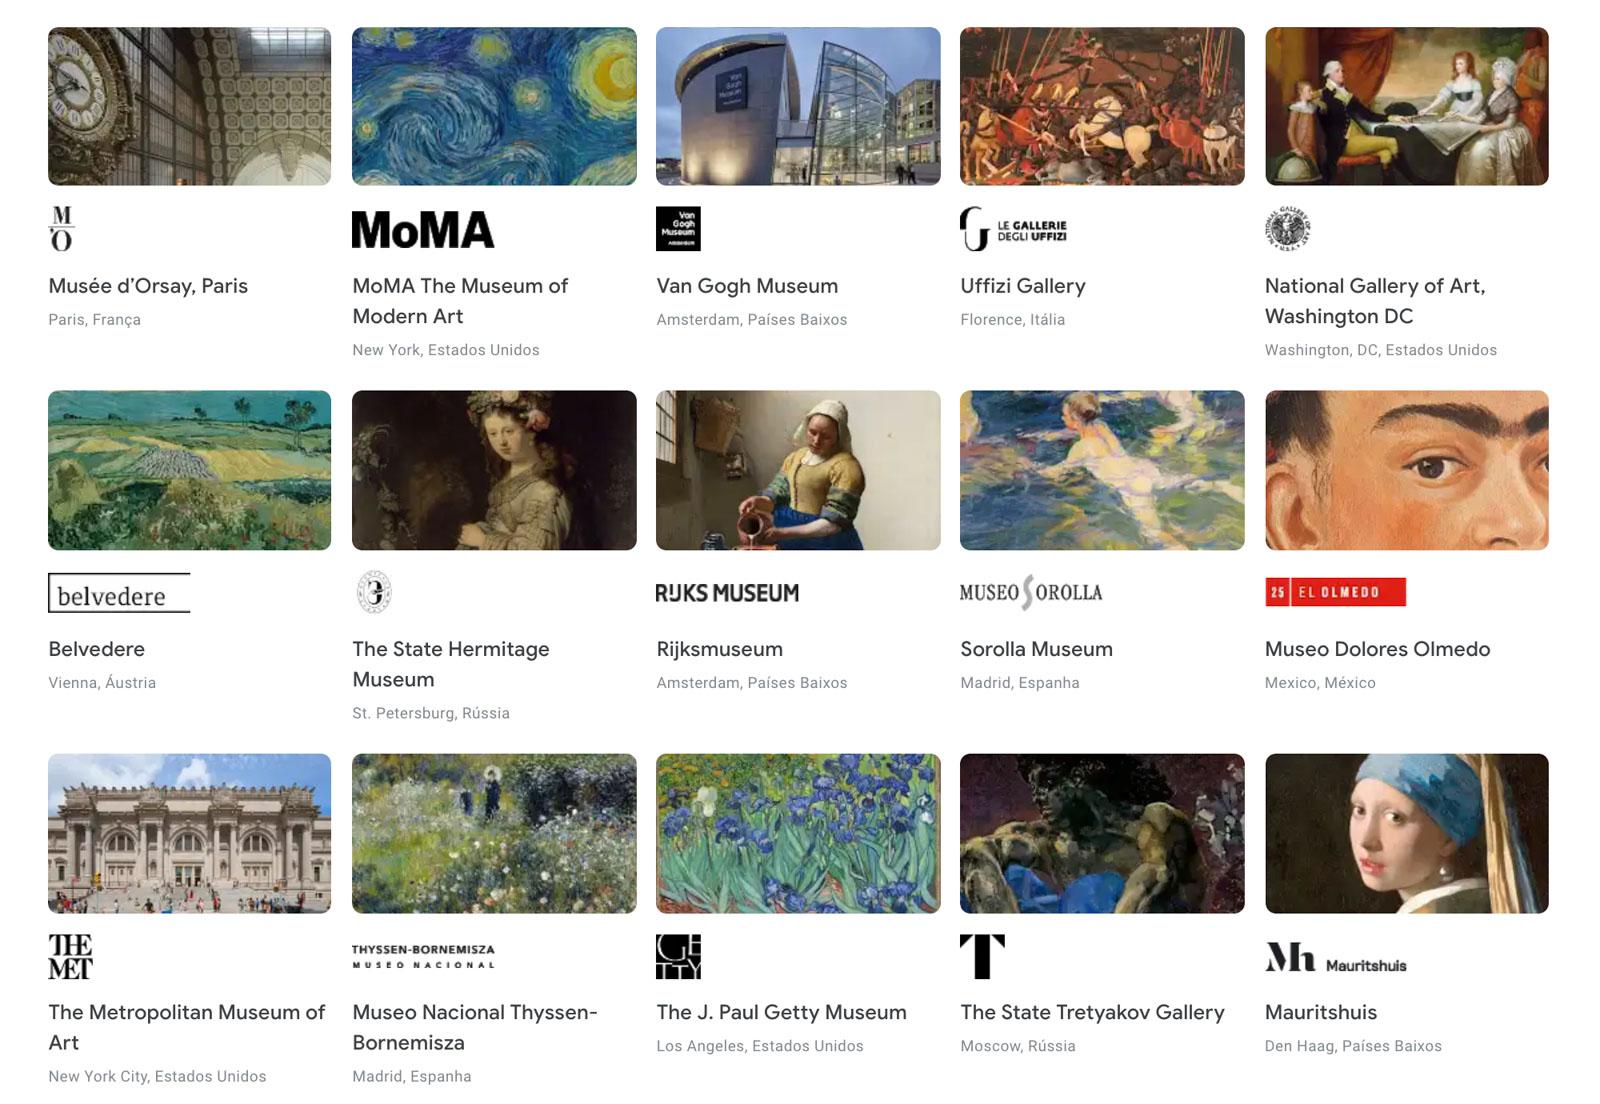 Reprodução do Google Arts & Culture.